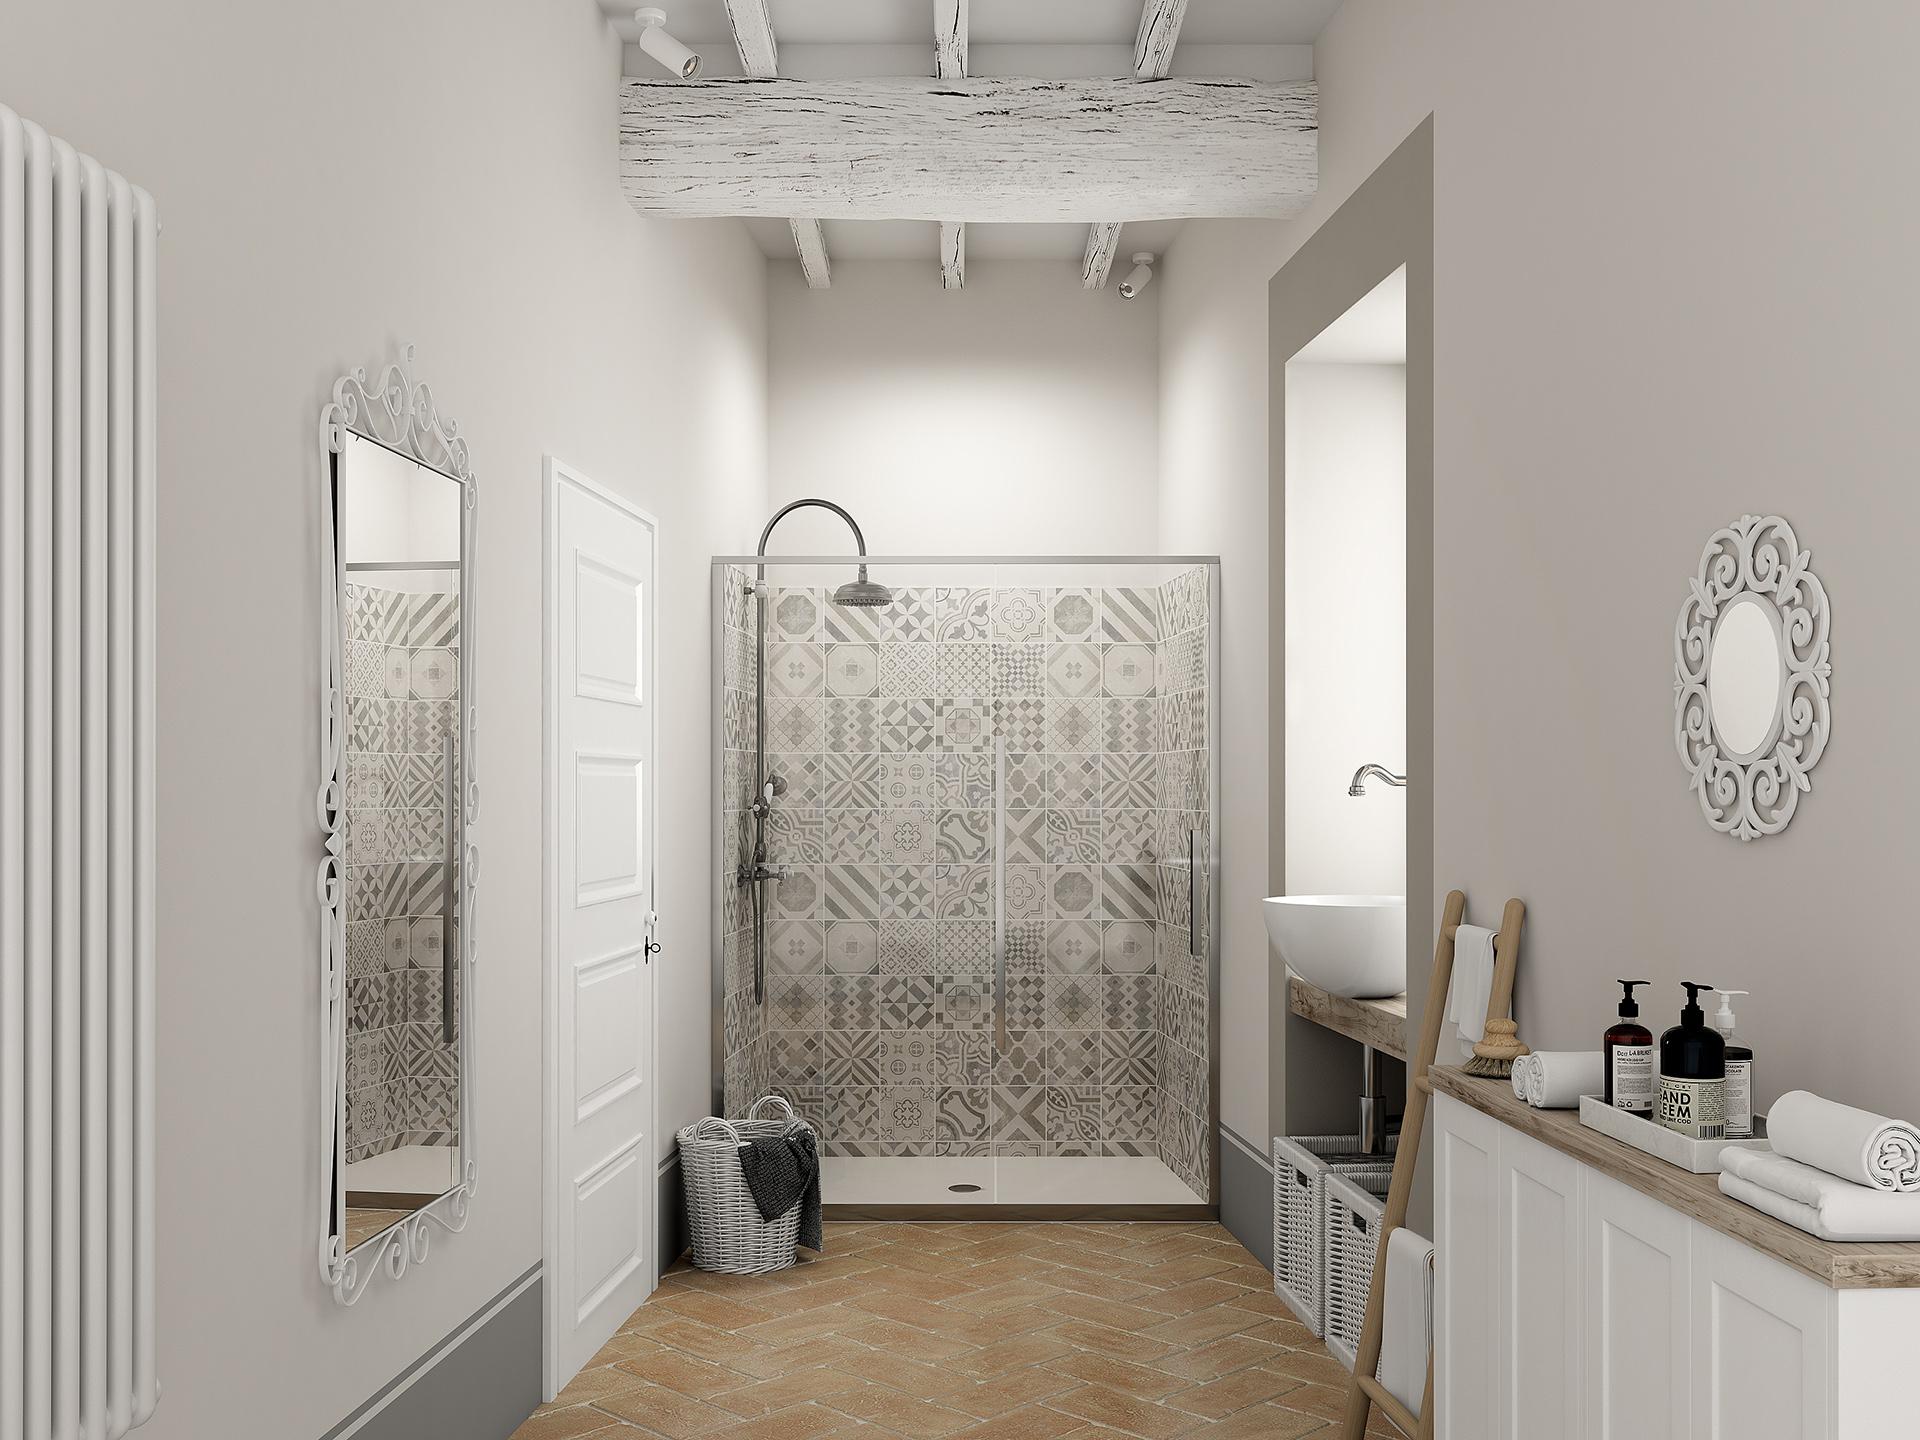 modellazione 3d e rendering fotorealistico del bagno di Palazzo San Michele, progettato da Francesco Aureli